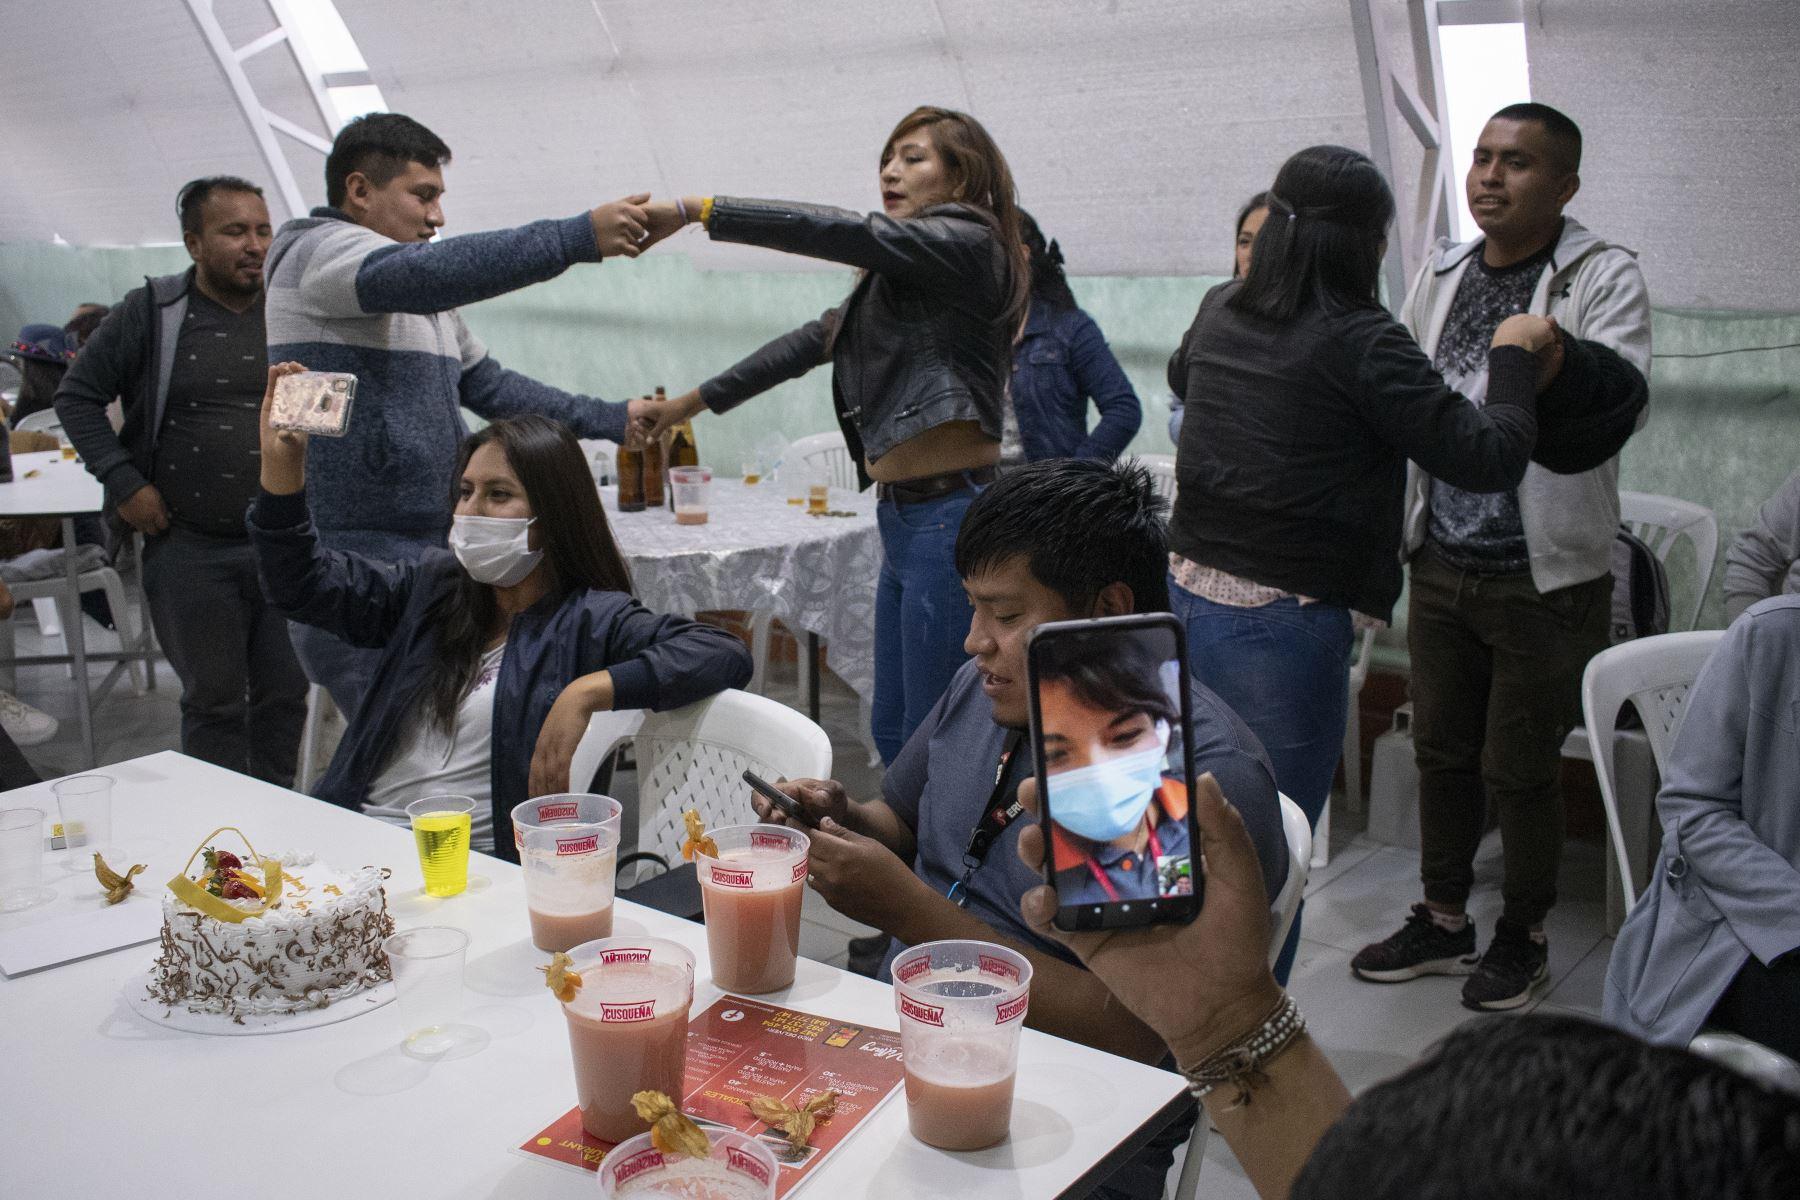 Un asistente realiza una videollamada para transmitir un concierto virtual semi-presencial en el restaurante Killary en Cusco. Foto: Sharon Castellanos, con el apoyo del Fondo de emergencia COVID-19 de The National Geographic Society